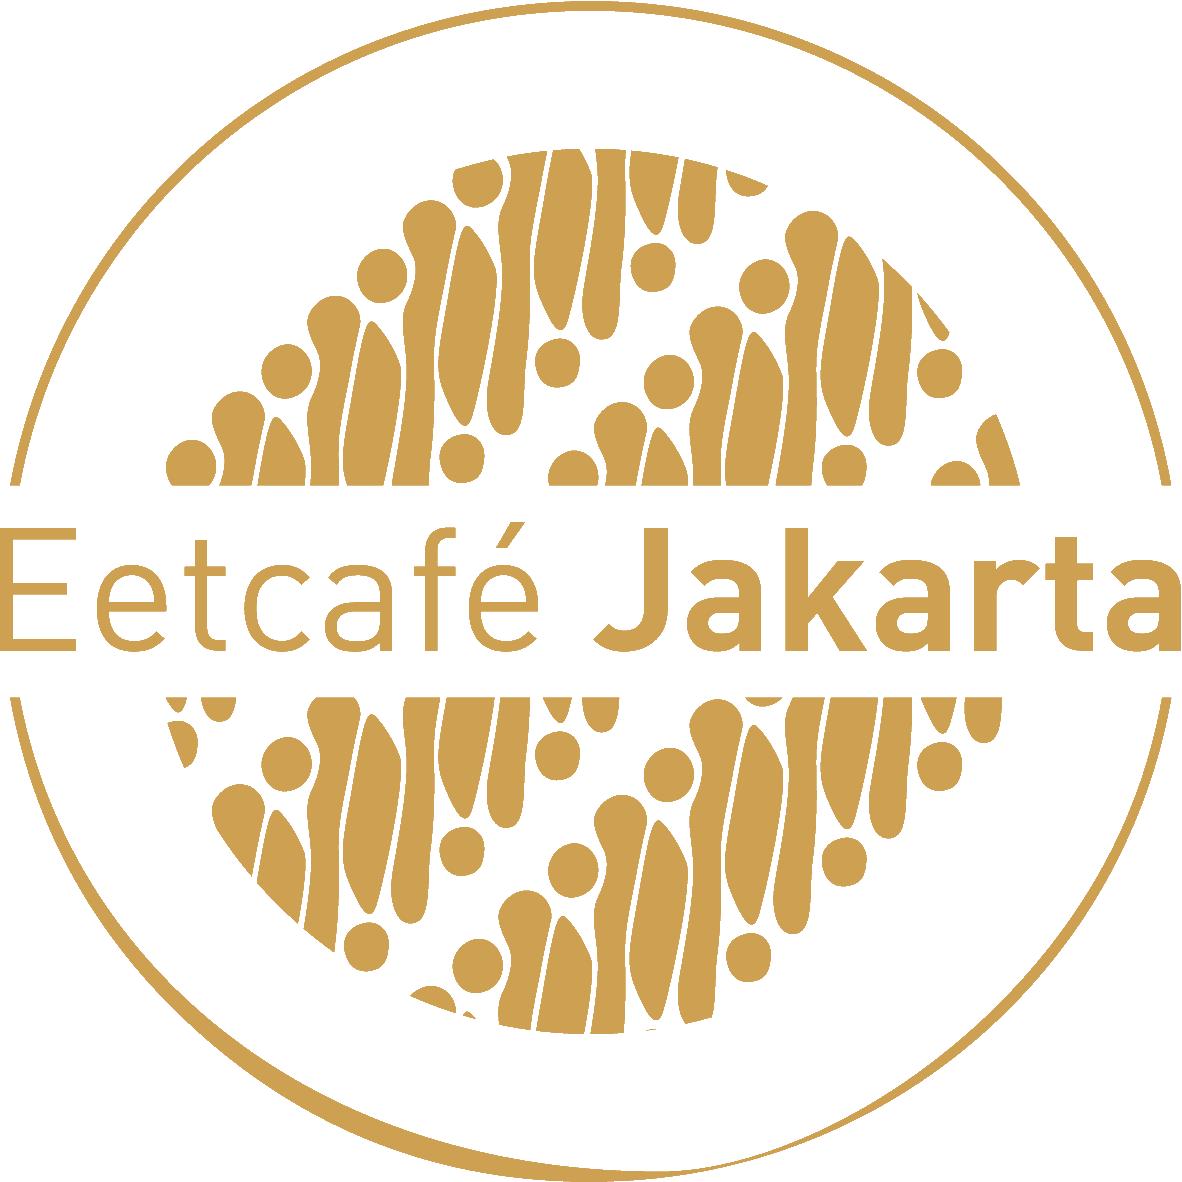 Eetcafe Restaurant Jakarta |  Lekker uit eten in Hoogezand – Sappemeer